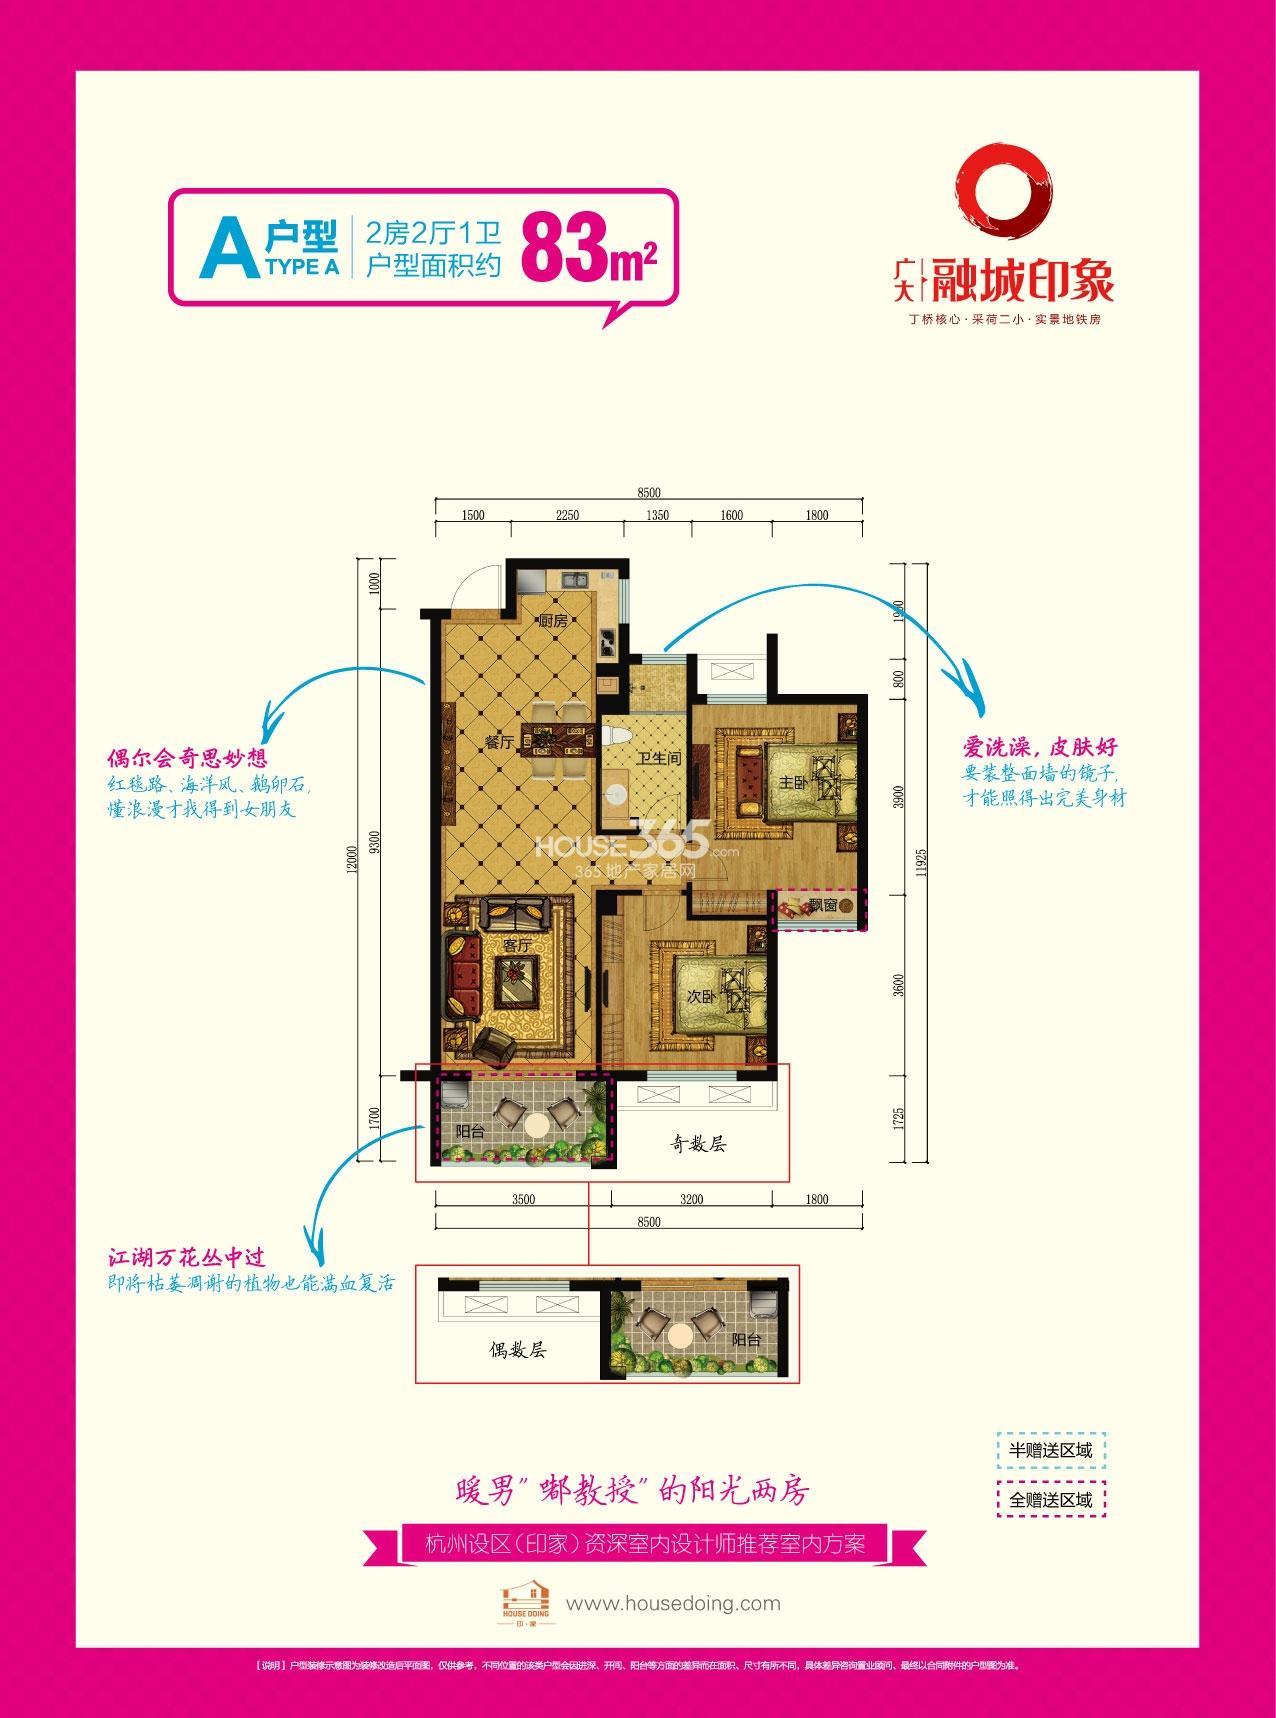 广大融城印象A户型图83方(1、2号楼)